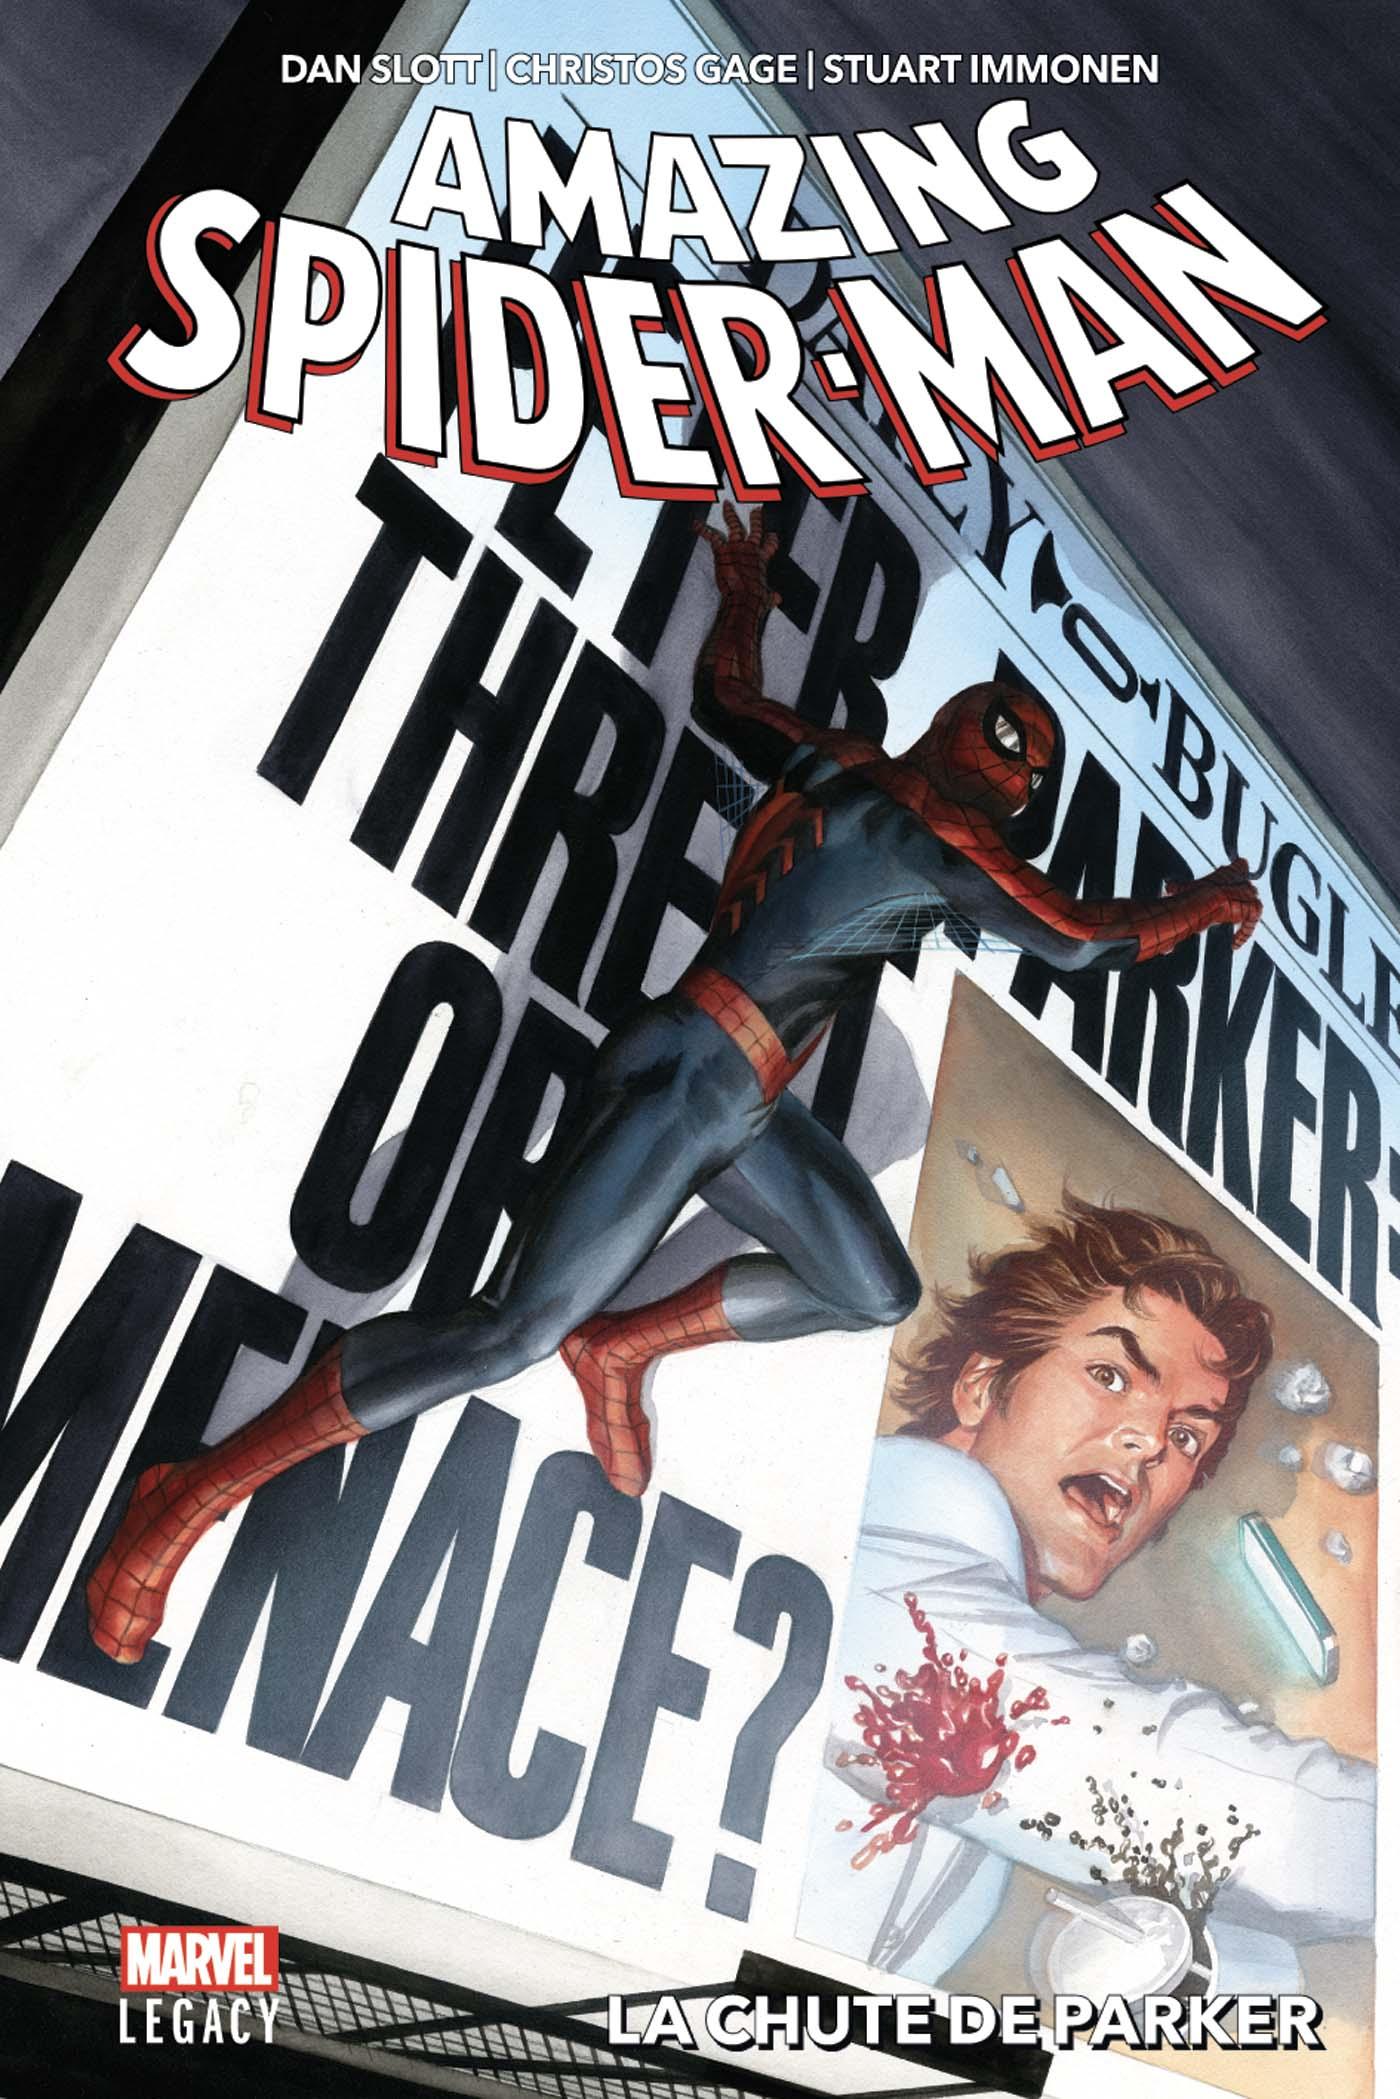 MARVEL LEGACY : AMAZING SPIDER-MAN T01 (VF)